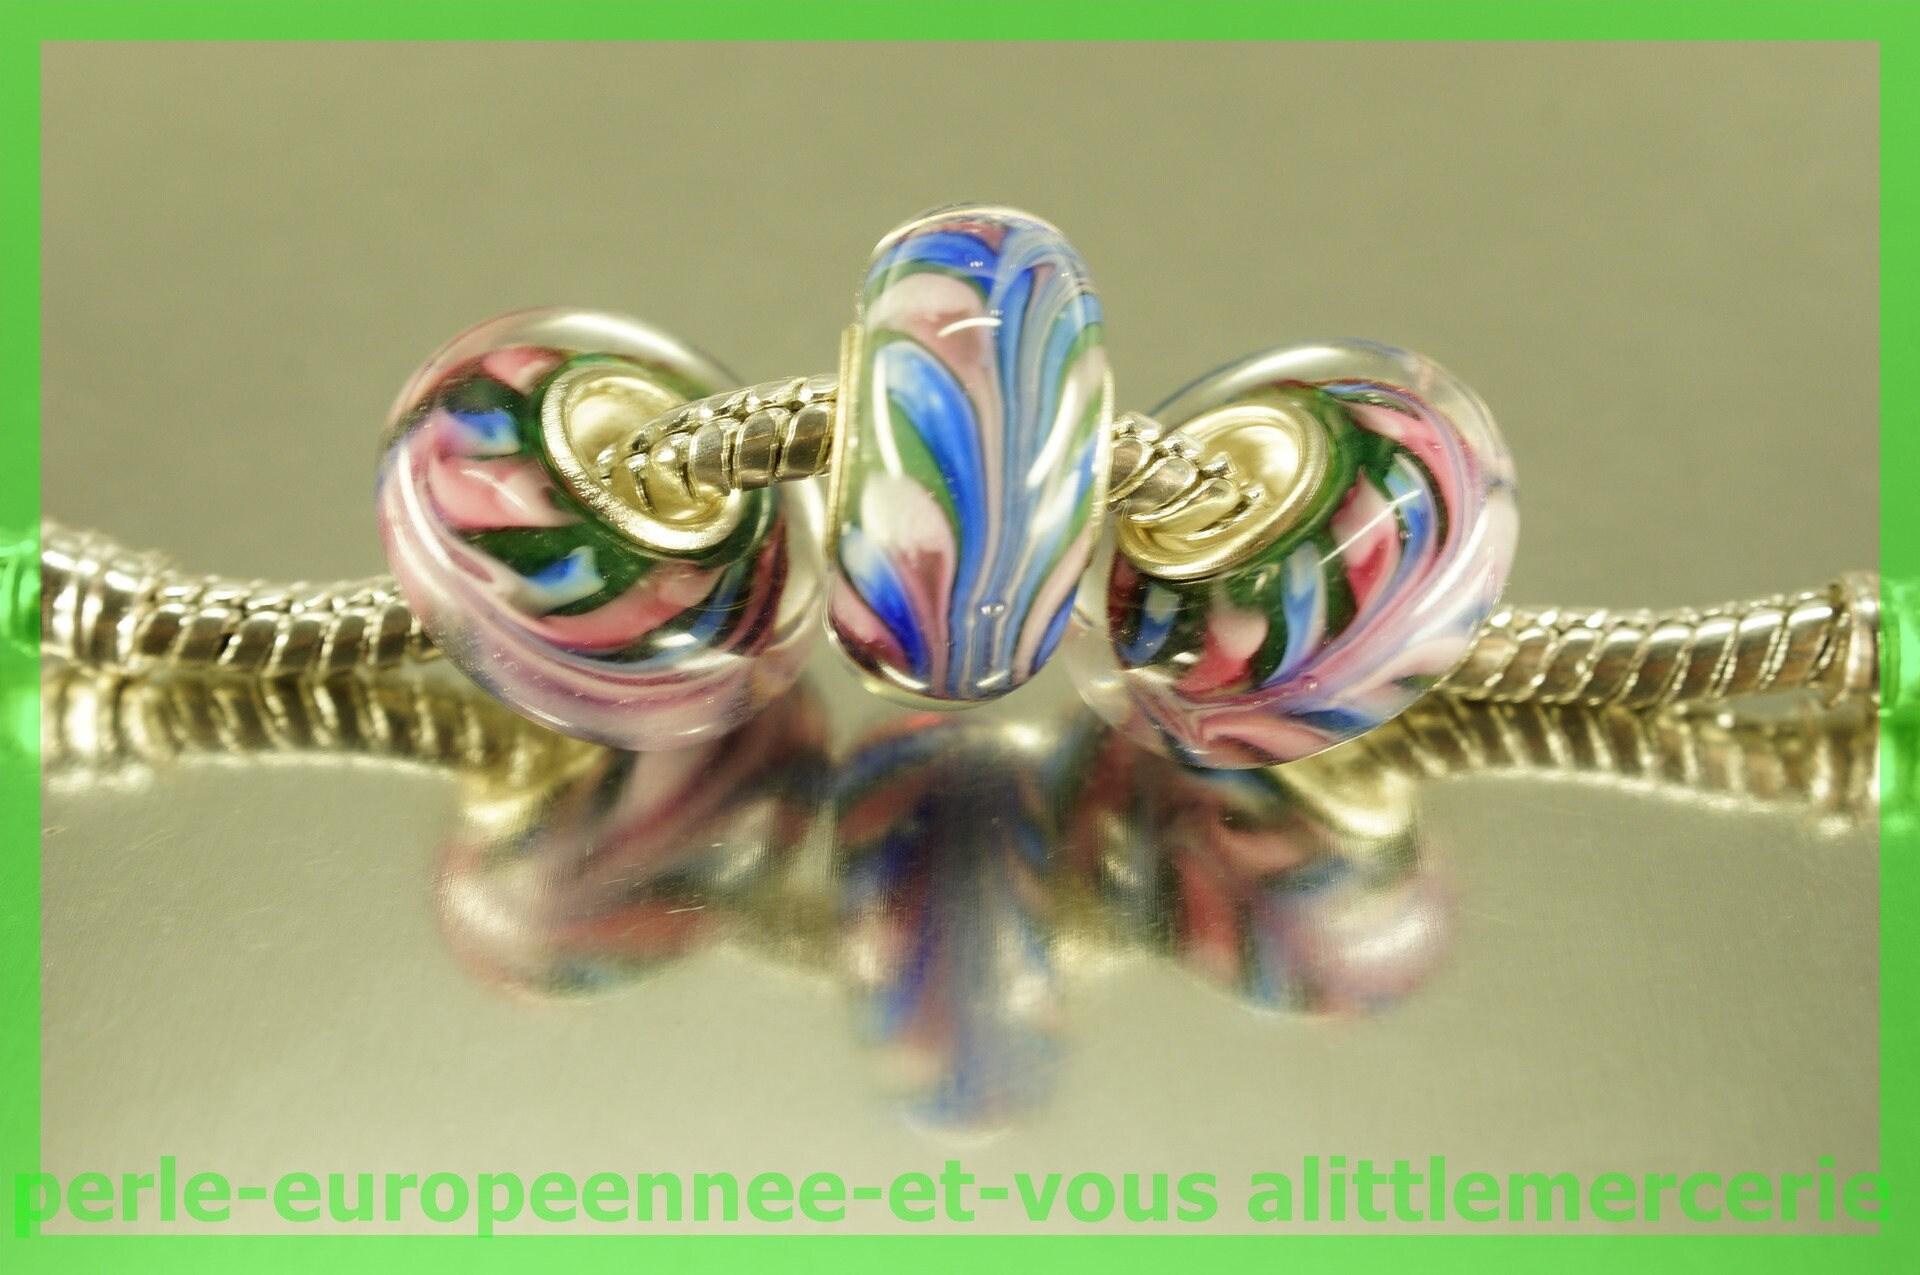 perle verre europeenne europeenne europeenne HQ348 pour bracelet collier charms 2cd63a